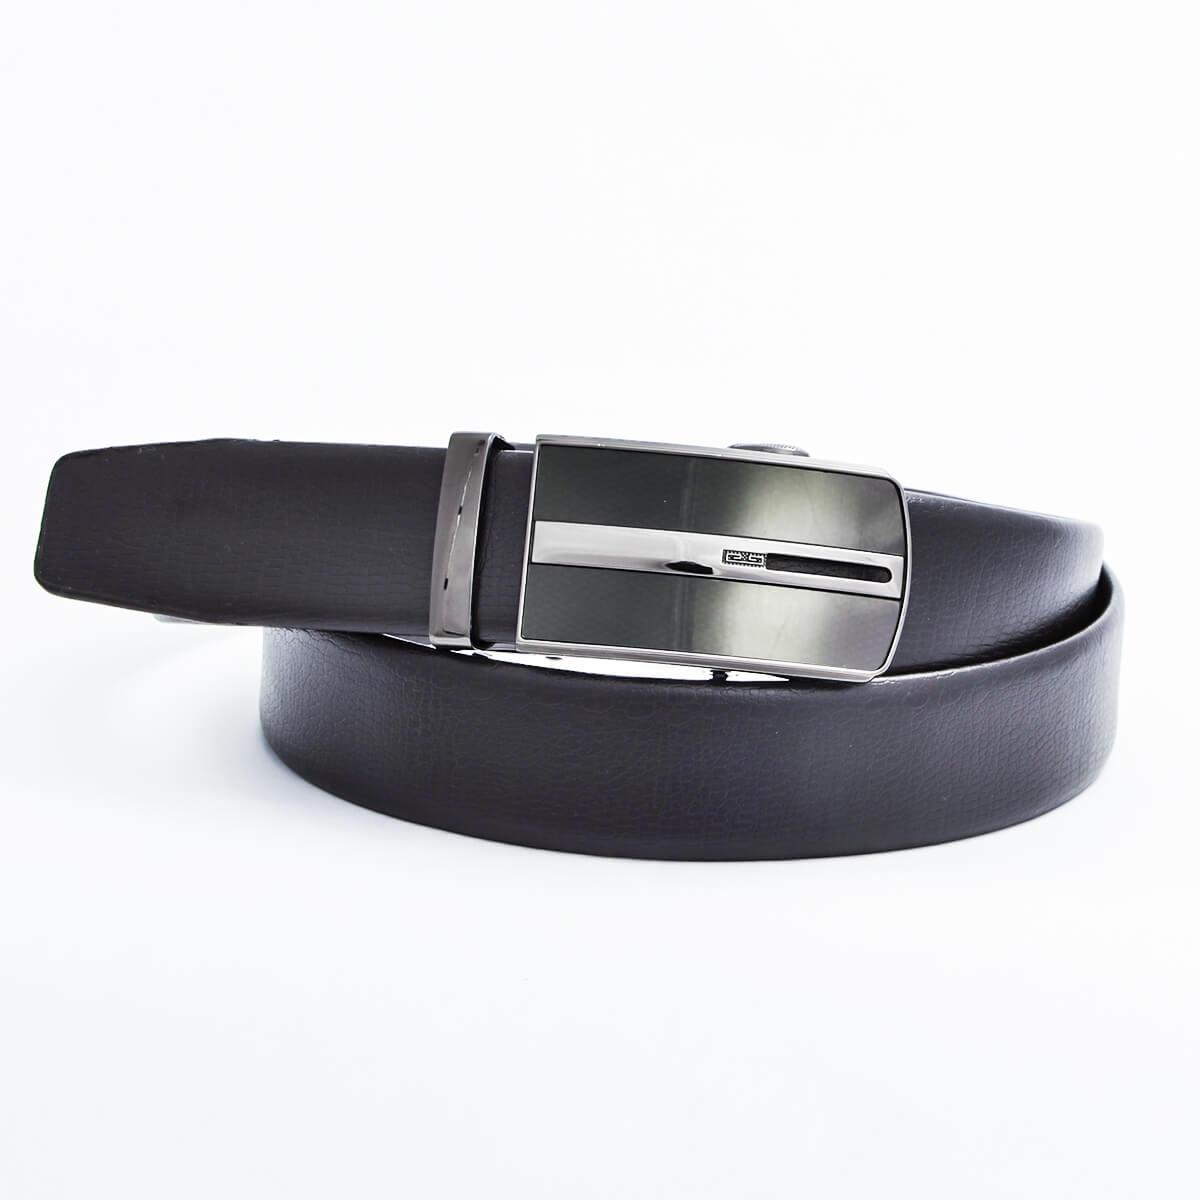 Pánsky kožený opasok - čierny vzor 3, veľkosť 52 (dĺžka 130 cm)